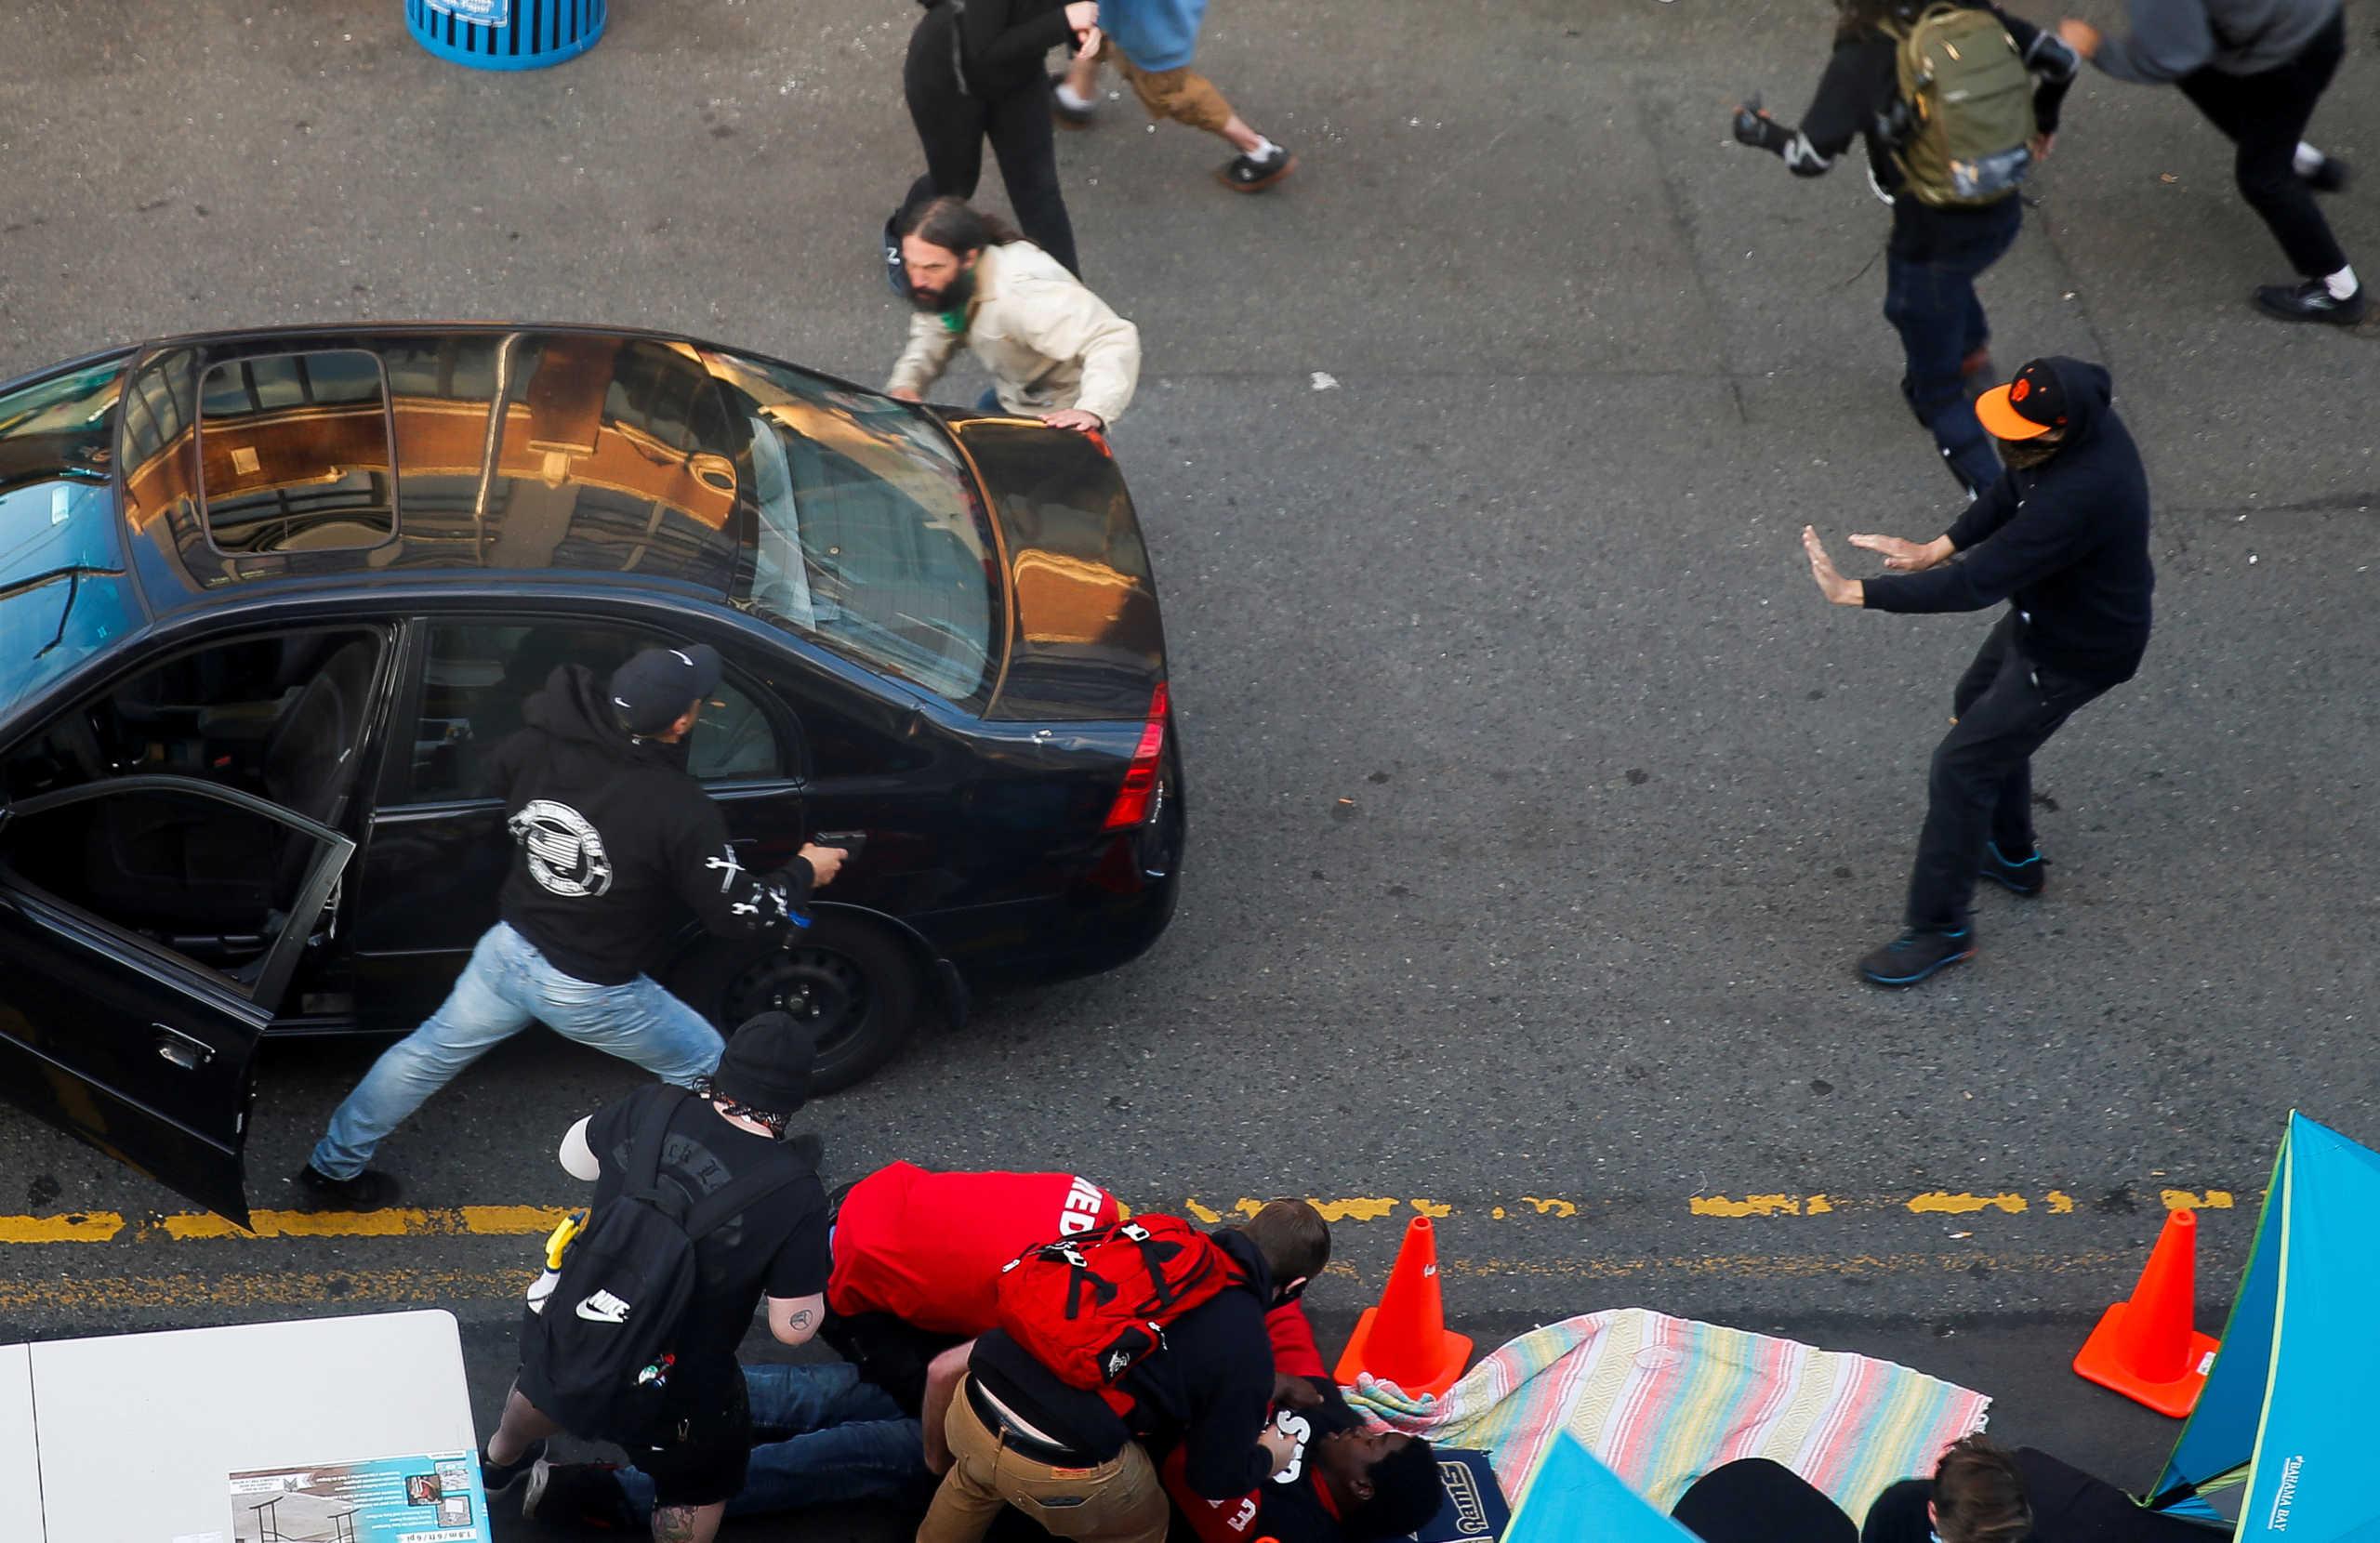 Τρόμος στο Σιάτλ: Οδηγός έπεσε με το αυτοκίνητο πάνω στο πλήθος κι έβγαλε πιστόλι